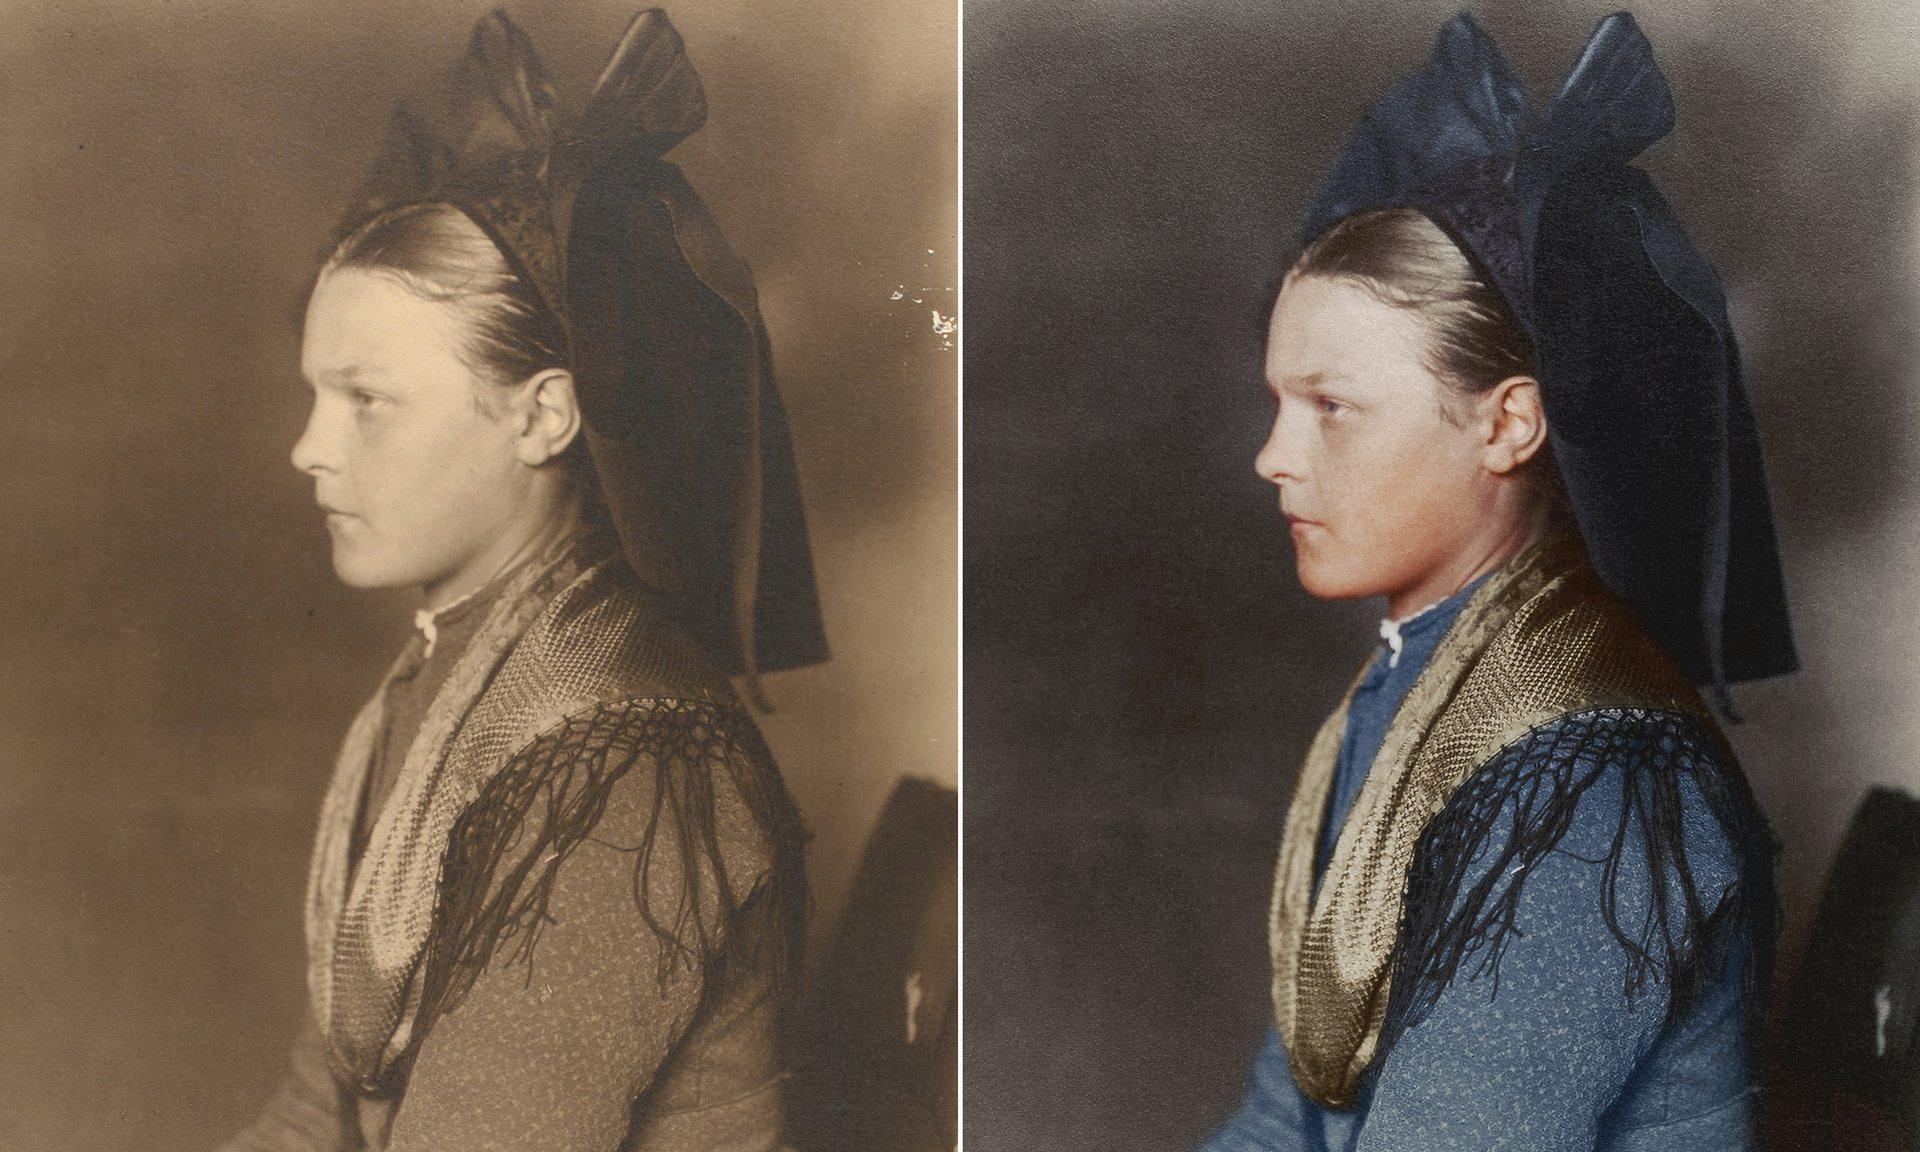 Una niña de Alsacia-Lorena alrededor de 1906, proveniente de la región de habla germánica de Alsacia, hoy en día Francia. El gran arco, conocido como schlupfkàpp, era usado por mujeres solteras.